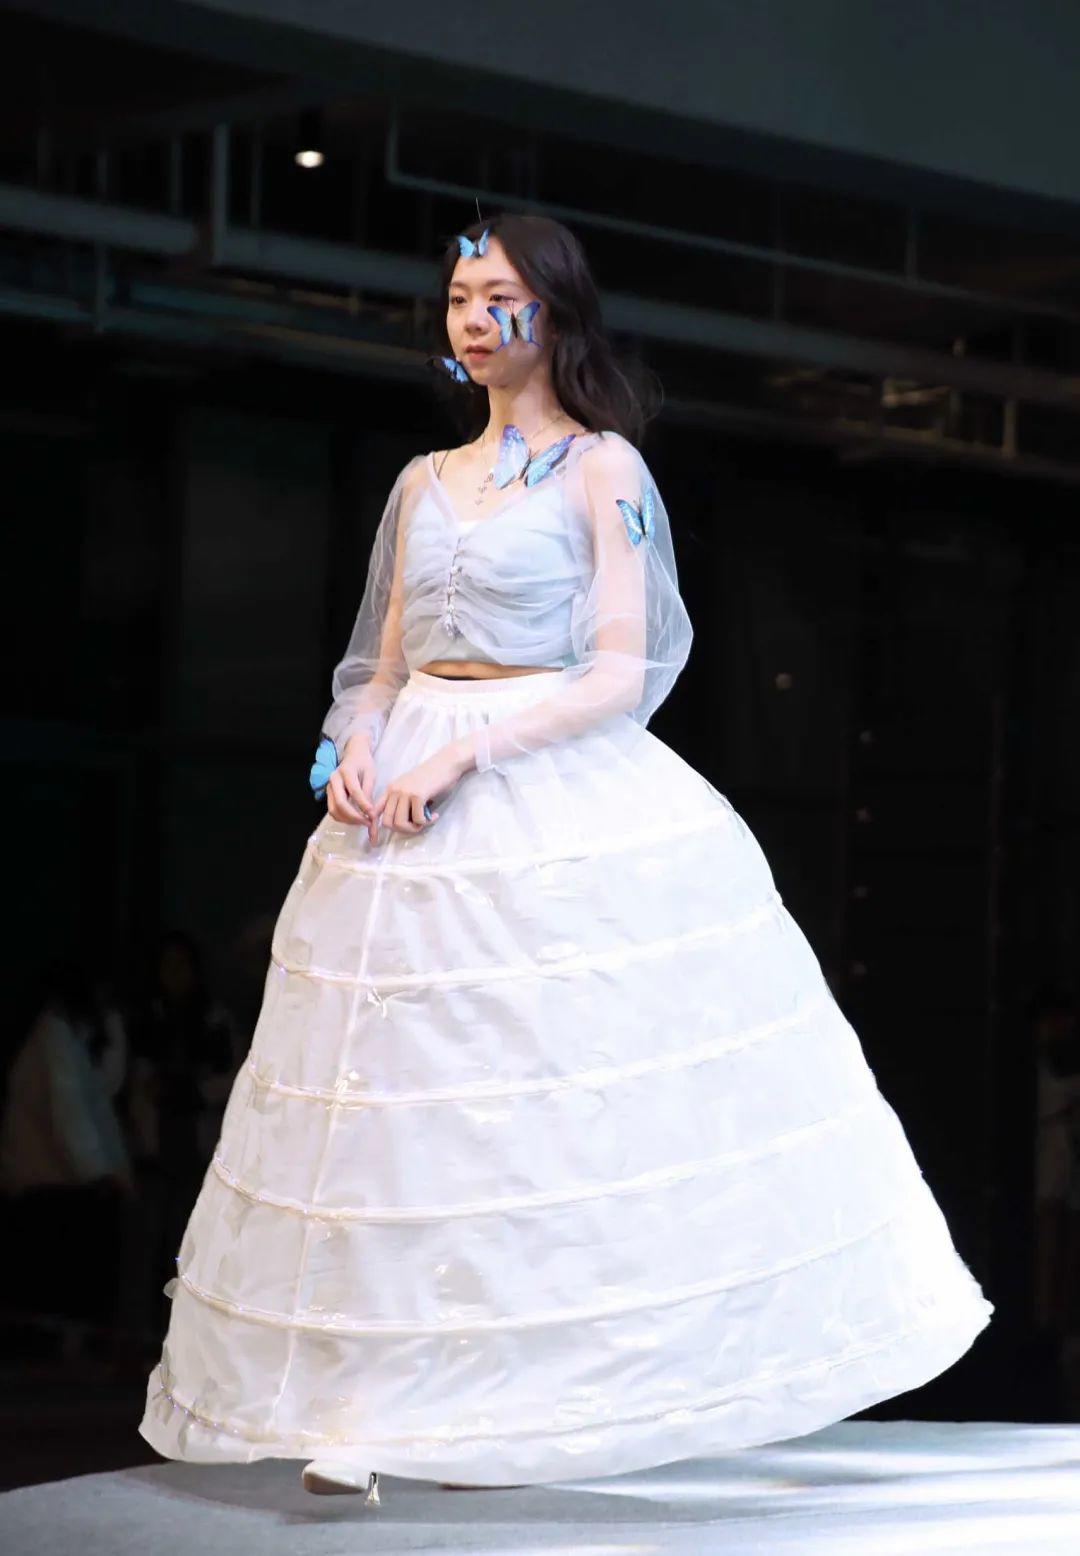 深国交2021 Fashion Show - 校园活动 疫情之下的时尚  深国交 深圳国际交流学院 第31张